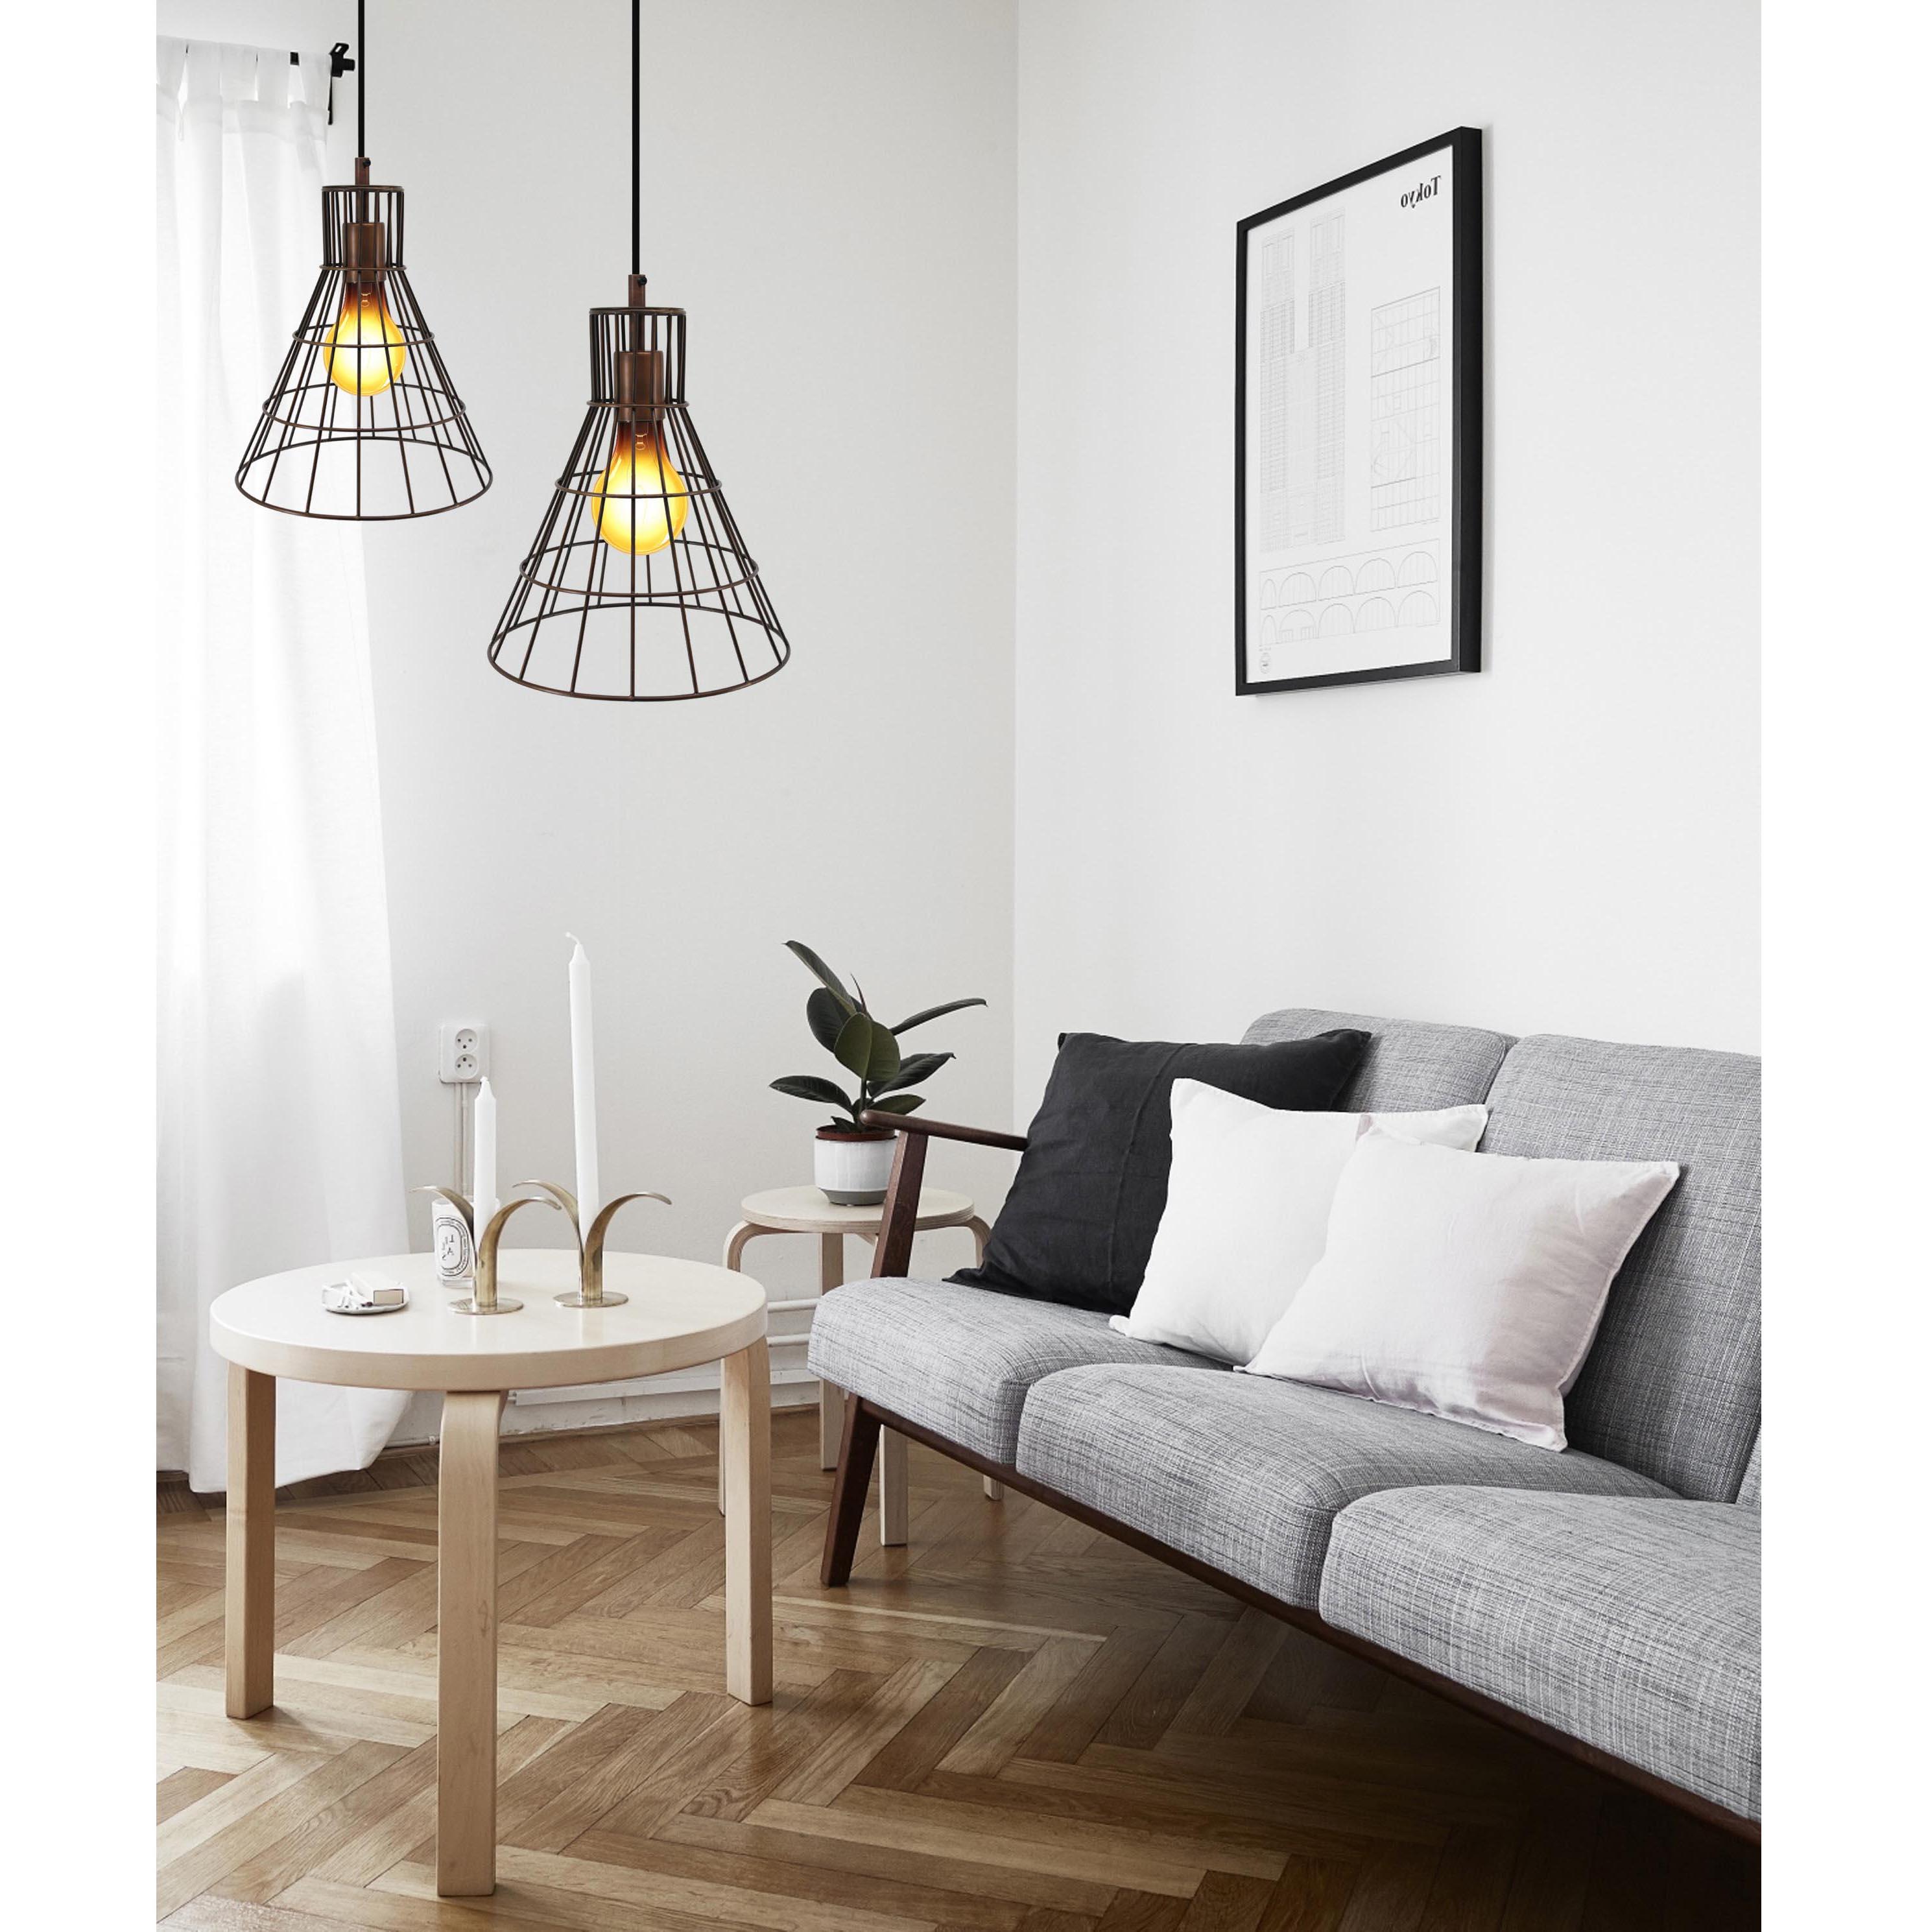 Industri le koperen lamp van staaldraad kopen for Koper design